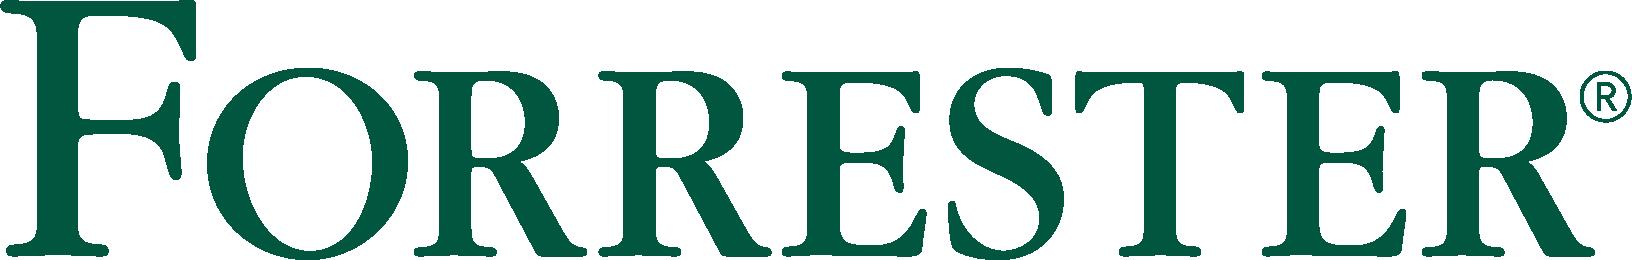 Логотип Forrester